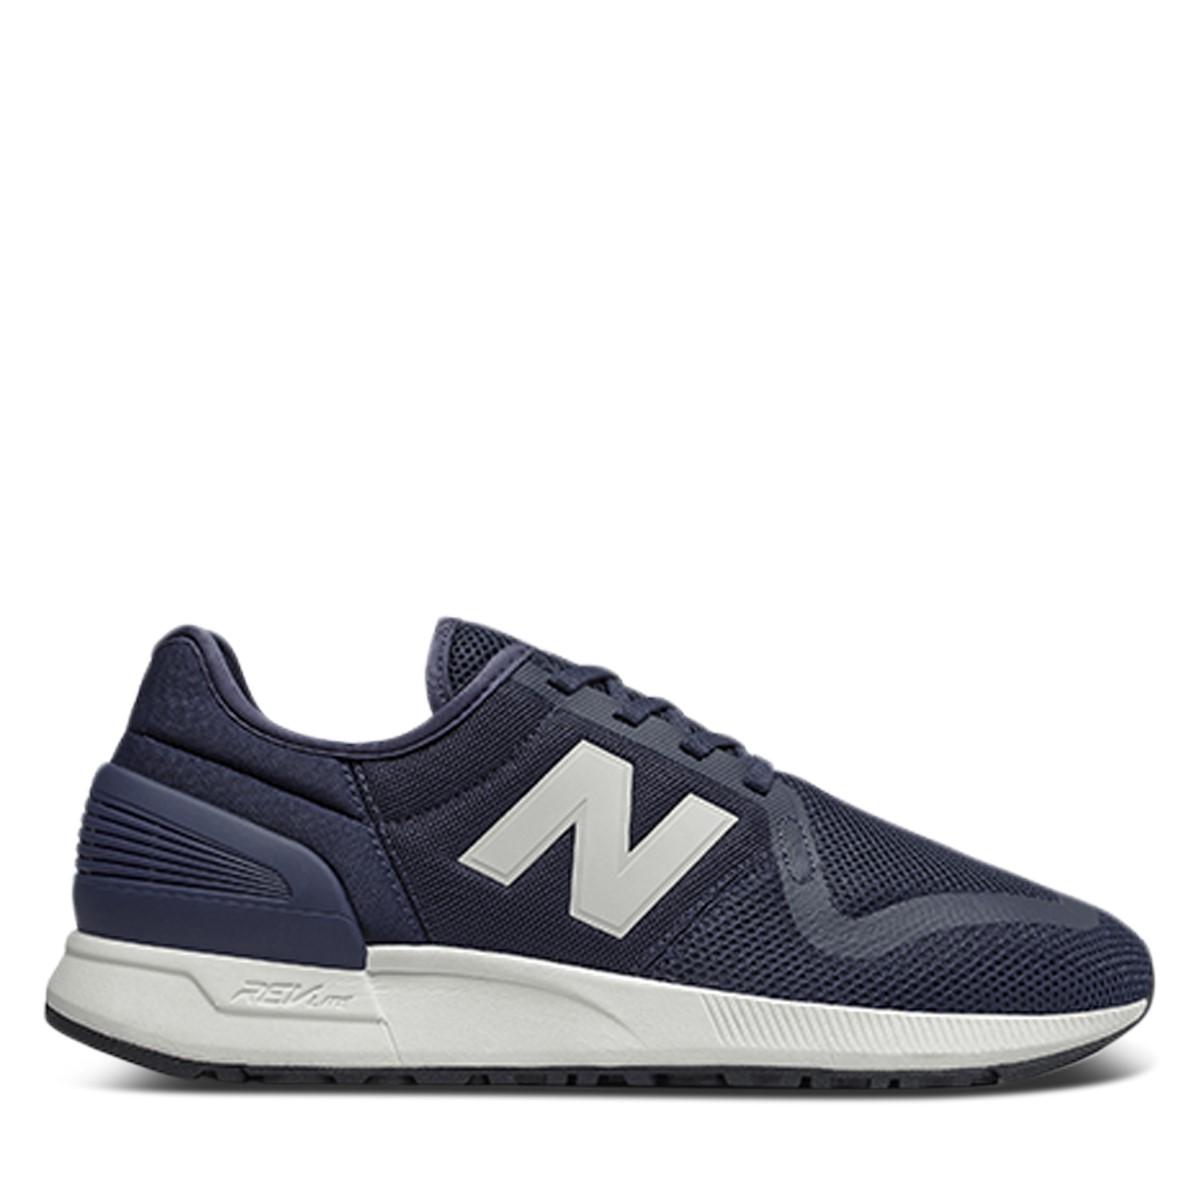 Men's 247 Sneakers in Navy Blue